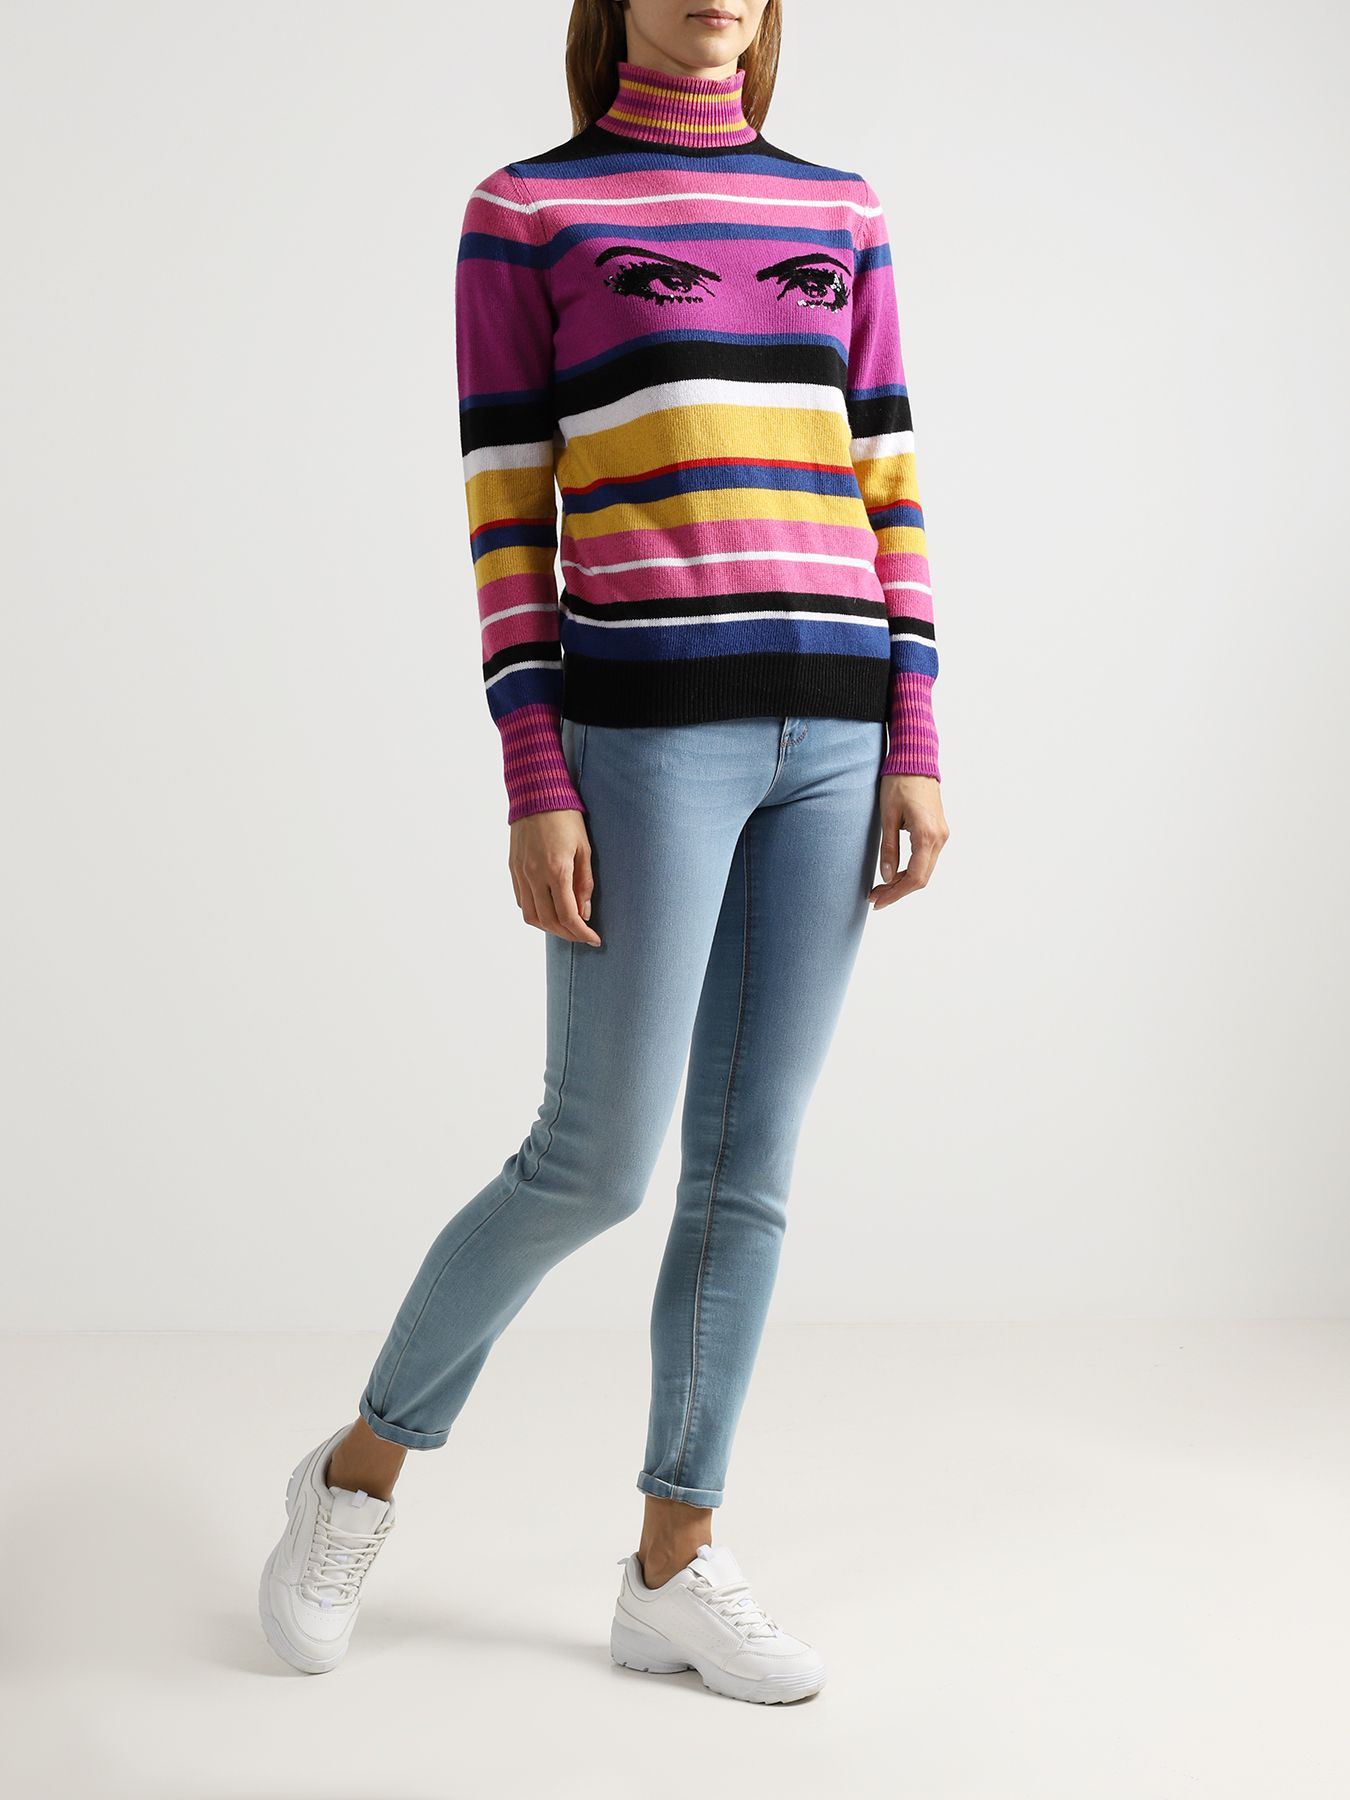 Пуловер Pinko Водолазка водолазка milanika milanika mp002xw0wgo2